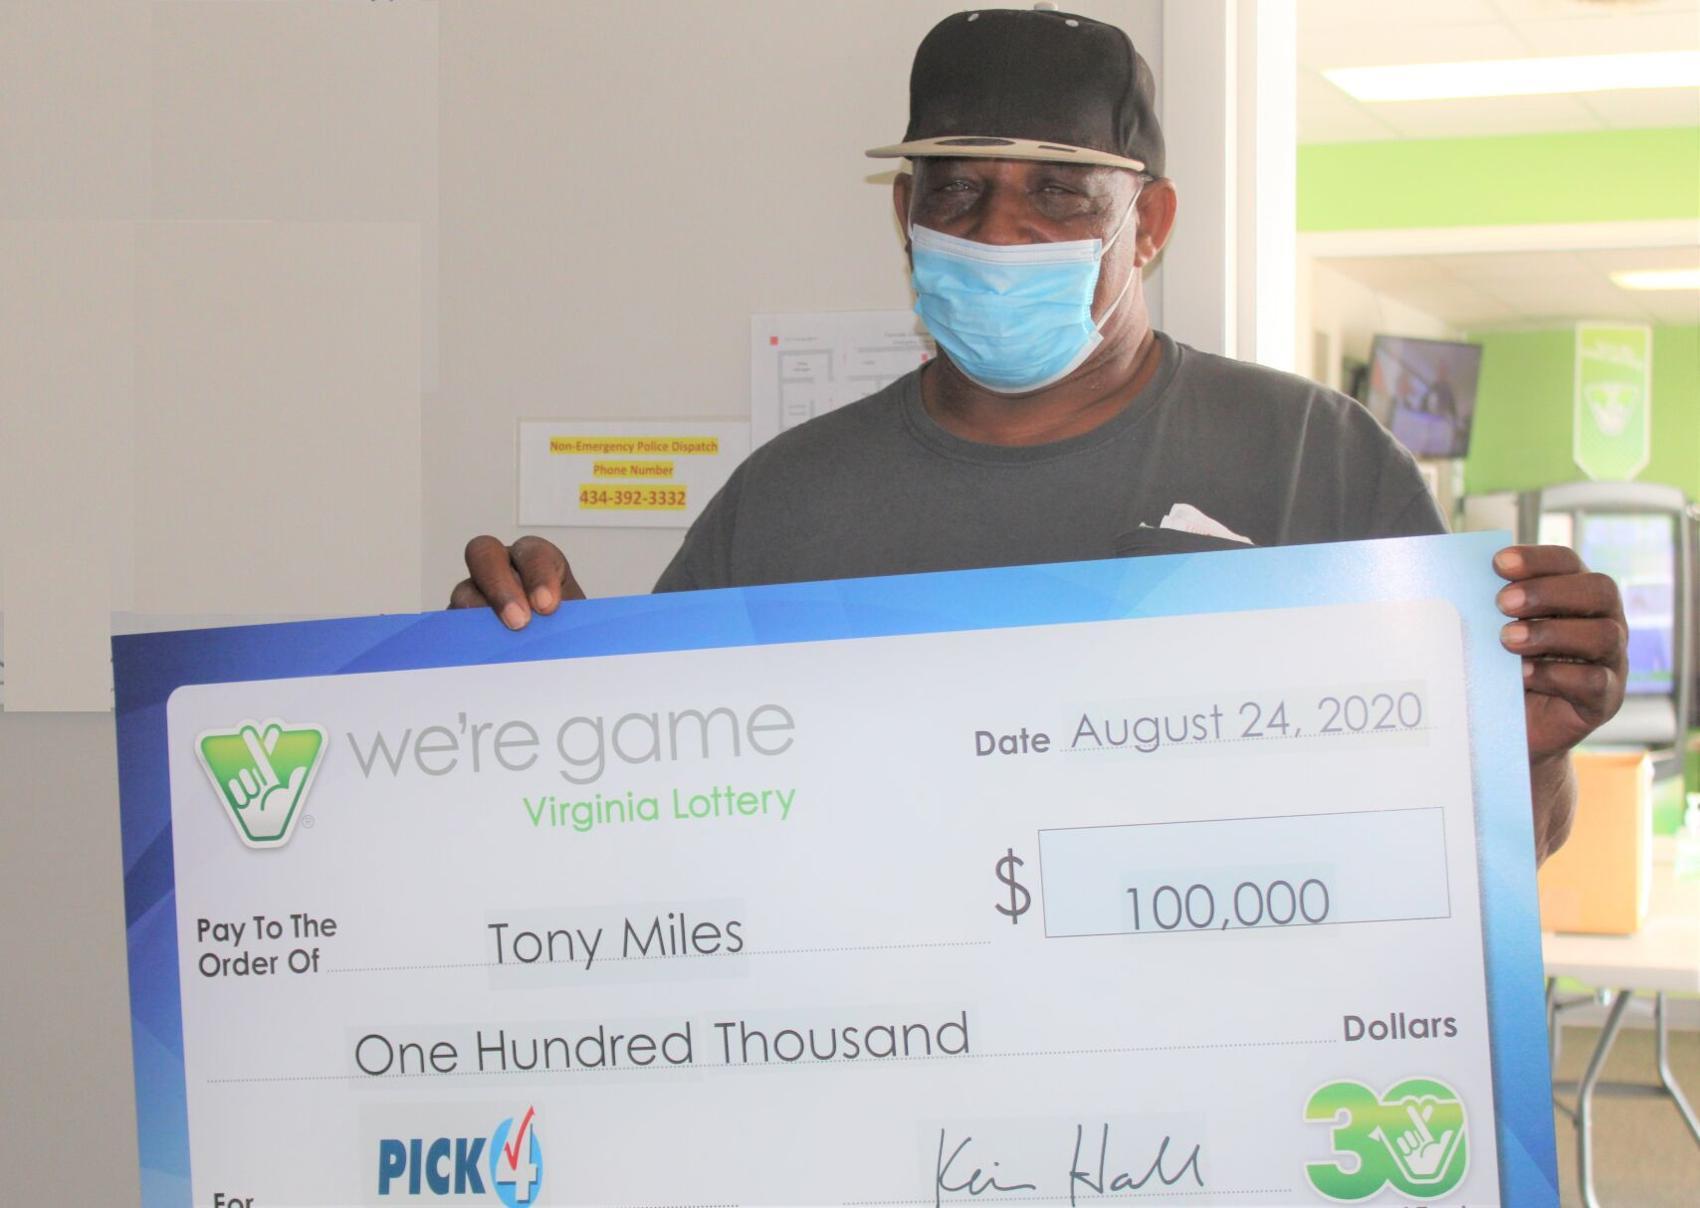 Мужчина купил 20 одинаковых лотерейных билетов и выиграл 20 раз